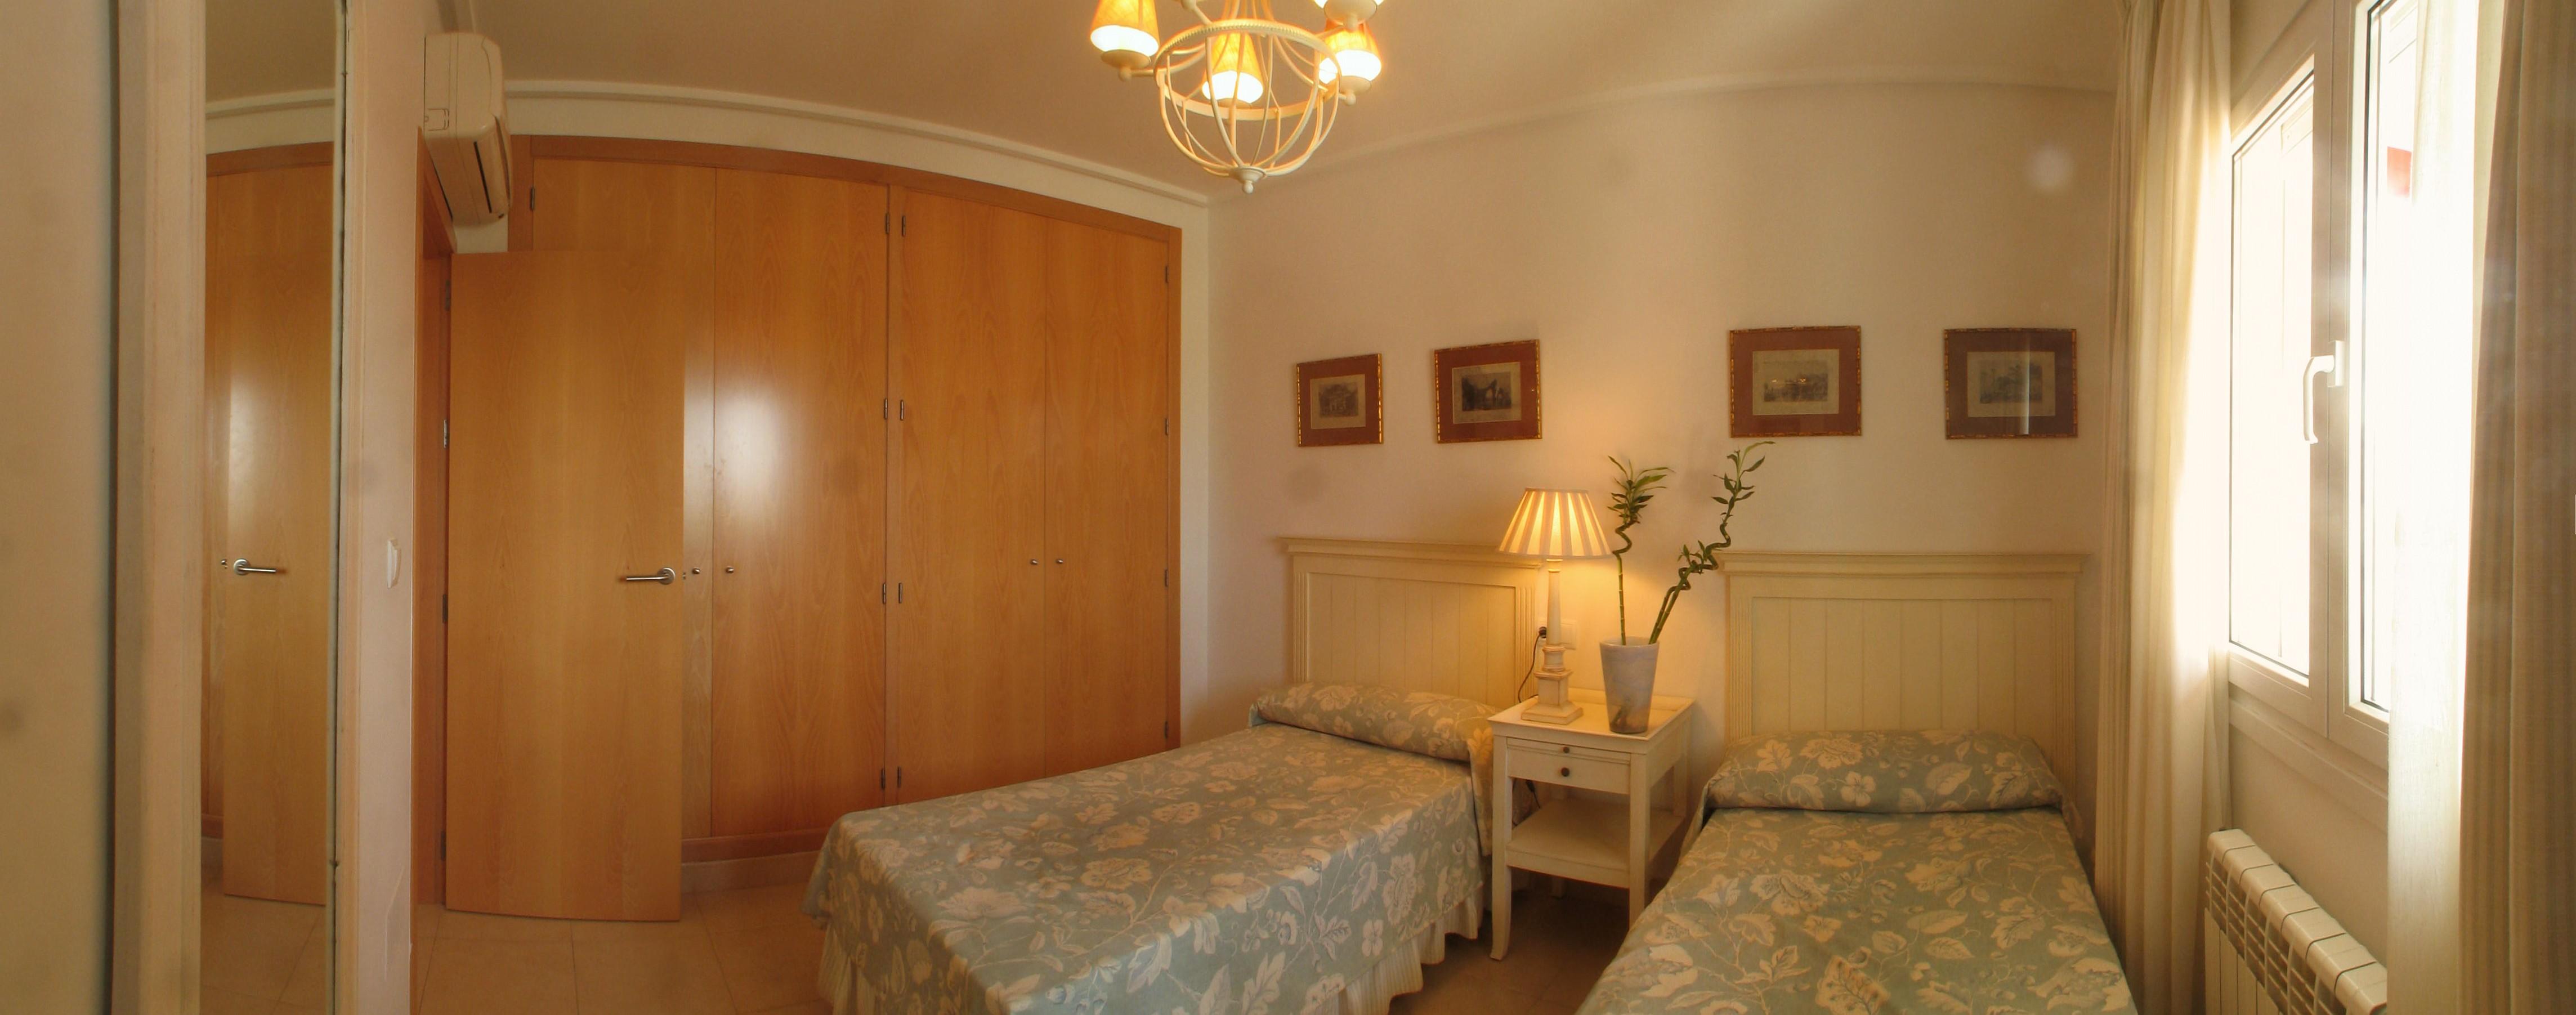 Ferienwohnsitz haus golf spanien schlafzimmer unten - Panoramabild schlafzimmer ...